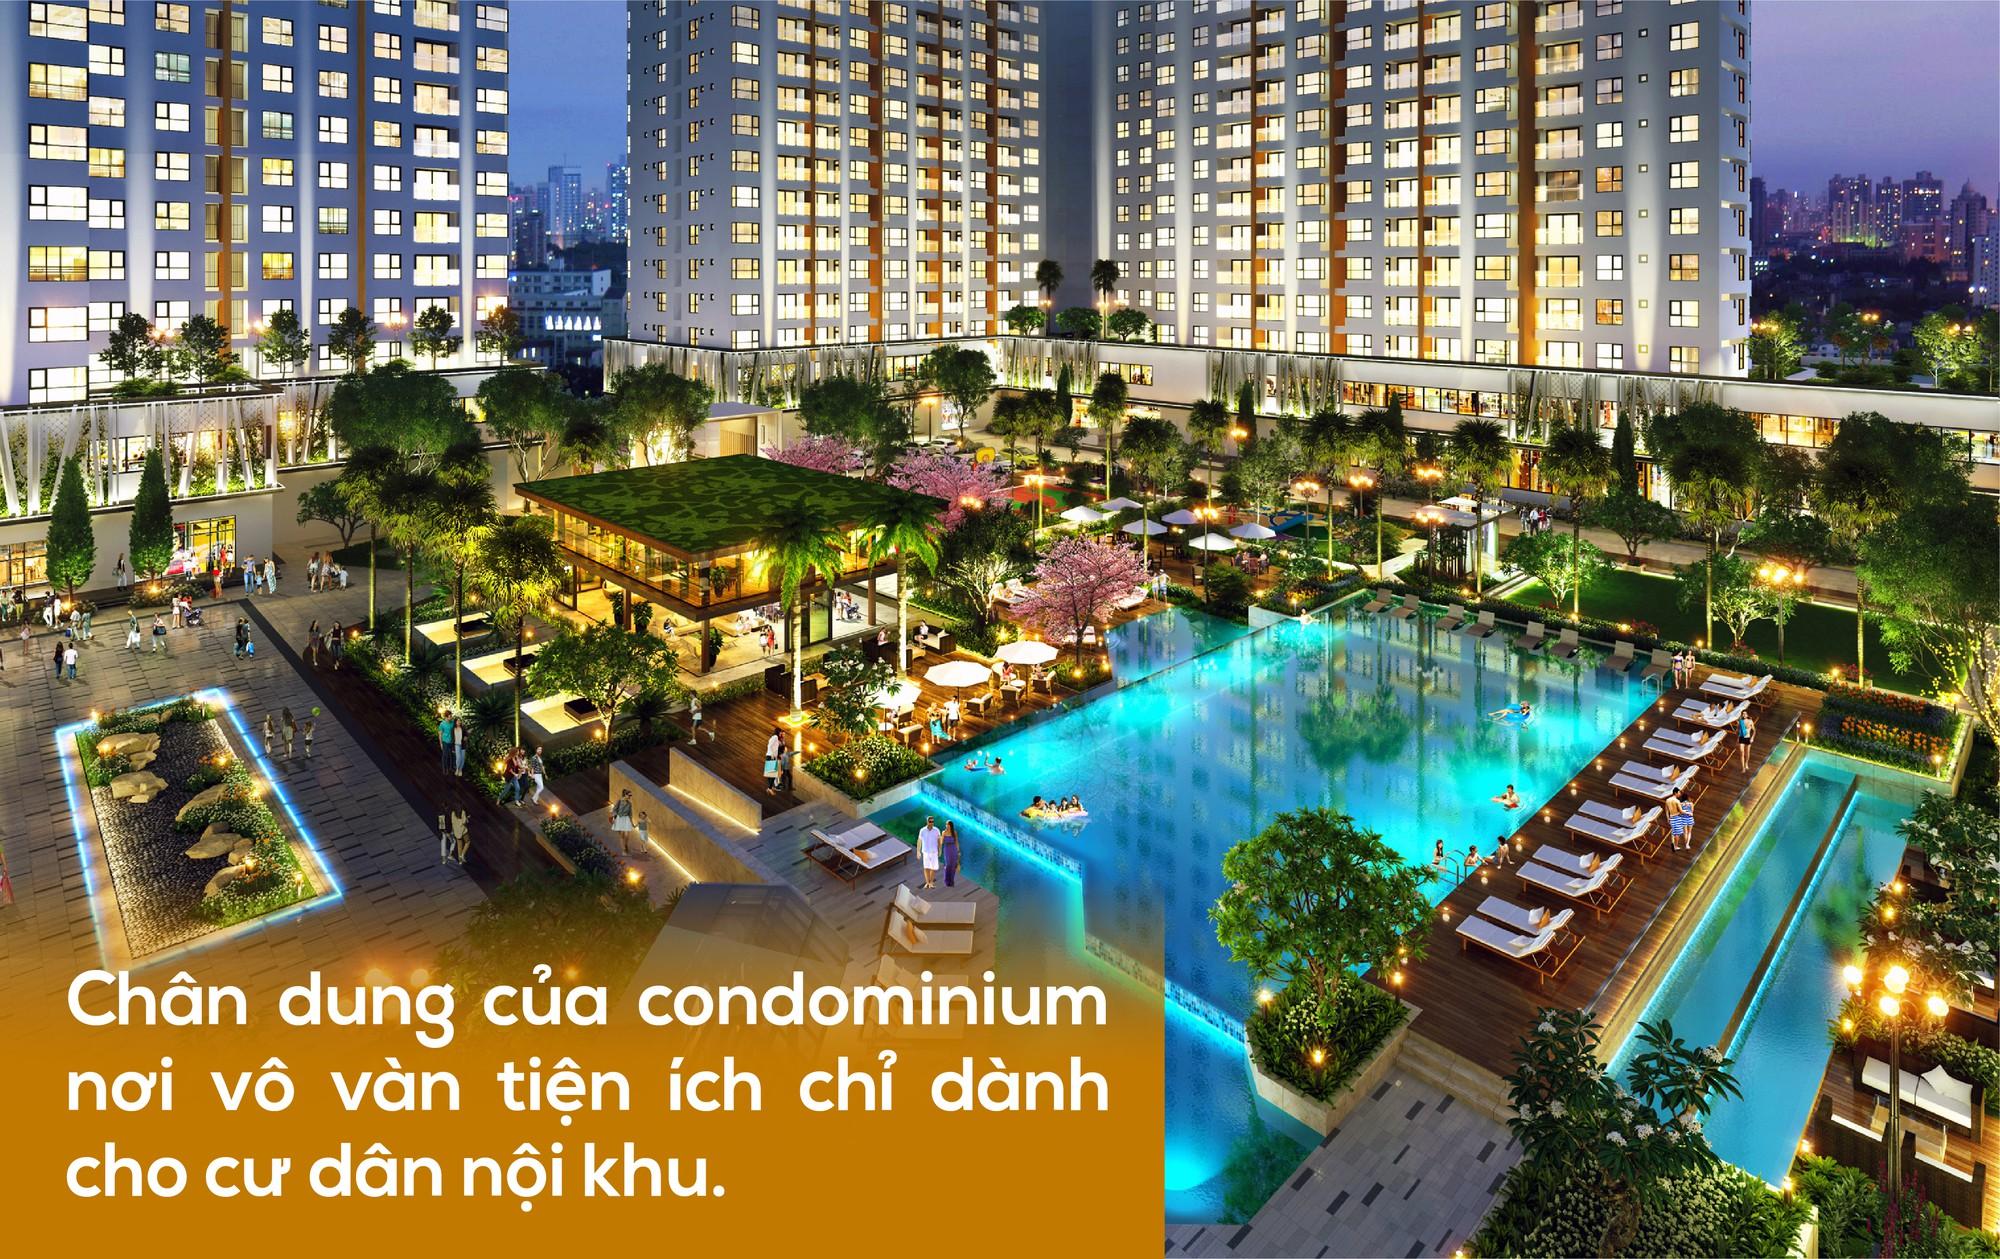 """Không chỉ thỏa mãn """"cơn khát"""" nhà ở tại quận trung tâm, """"thành phố ánh sáng"""" còn định hình phong cách sống hoàn toàn mới lạ! - Ảnh 6."""